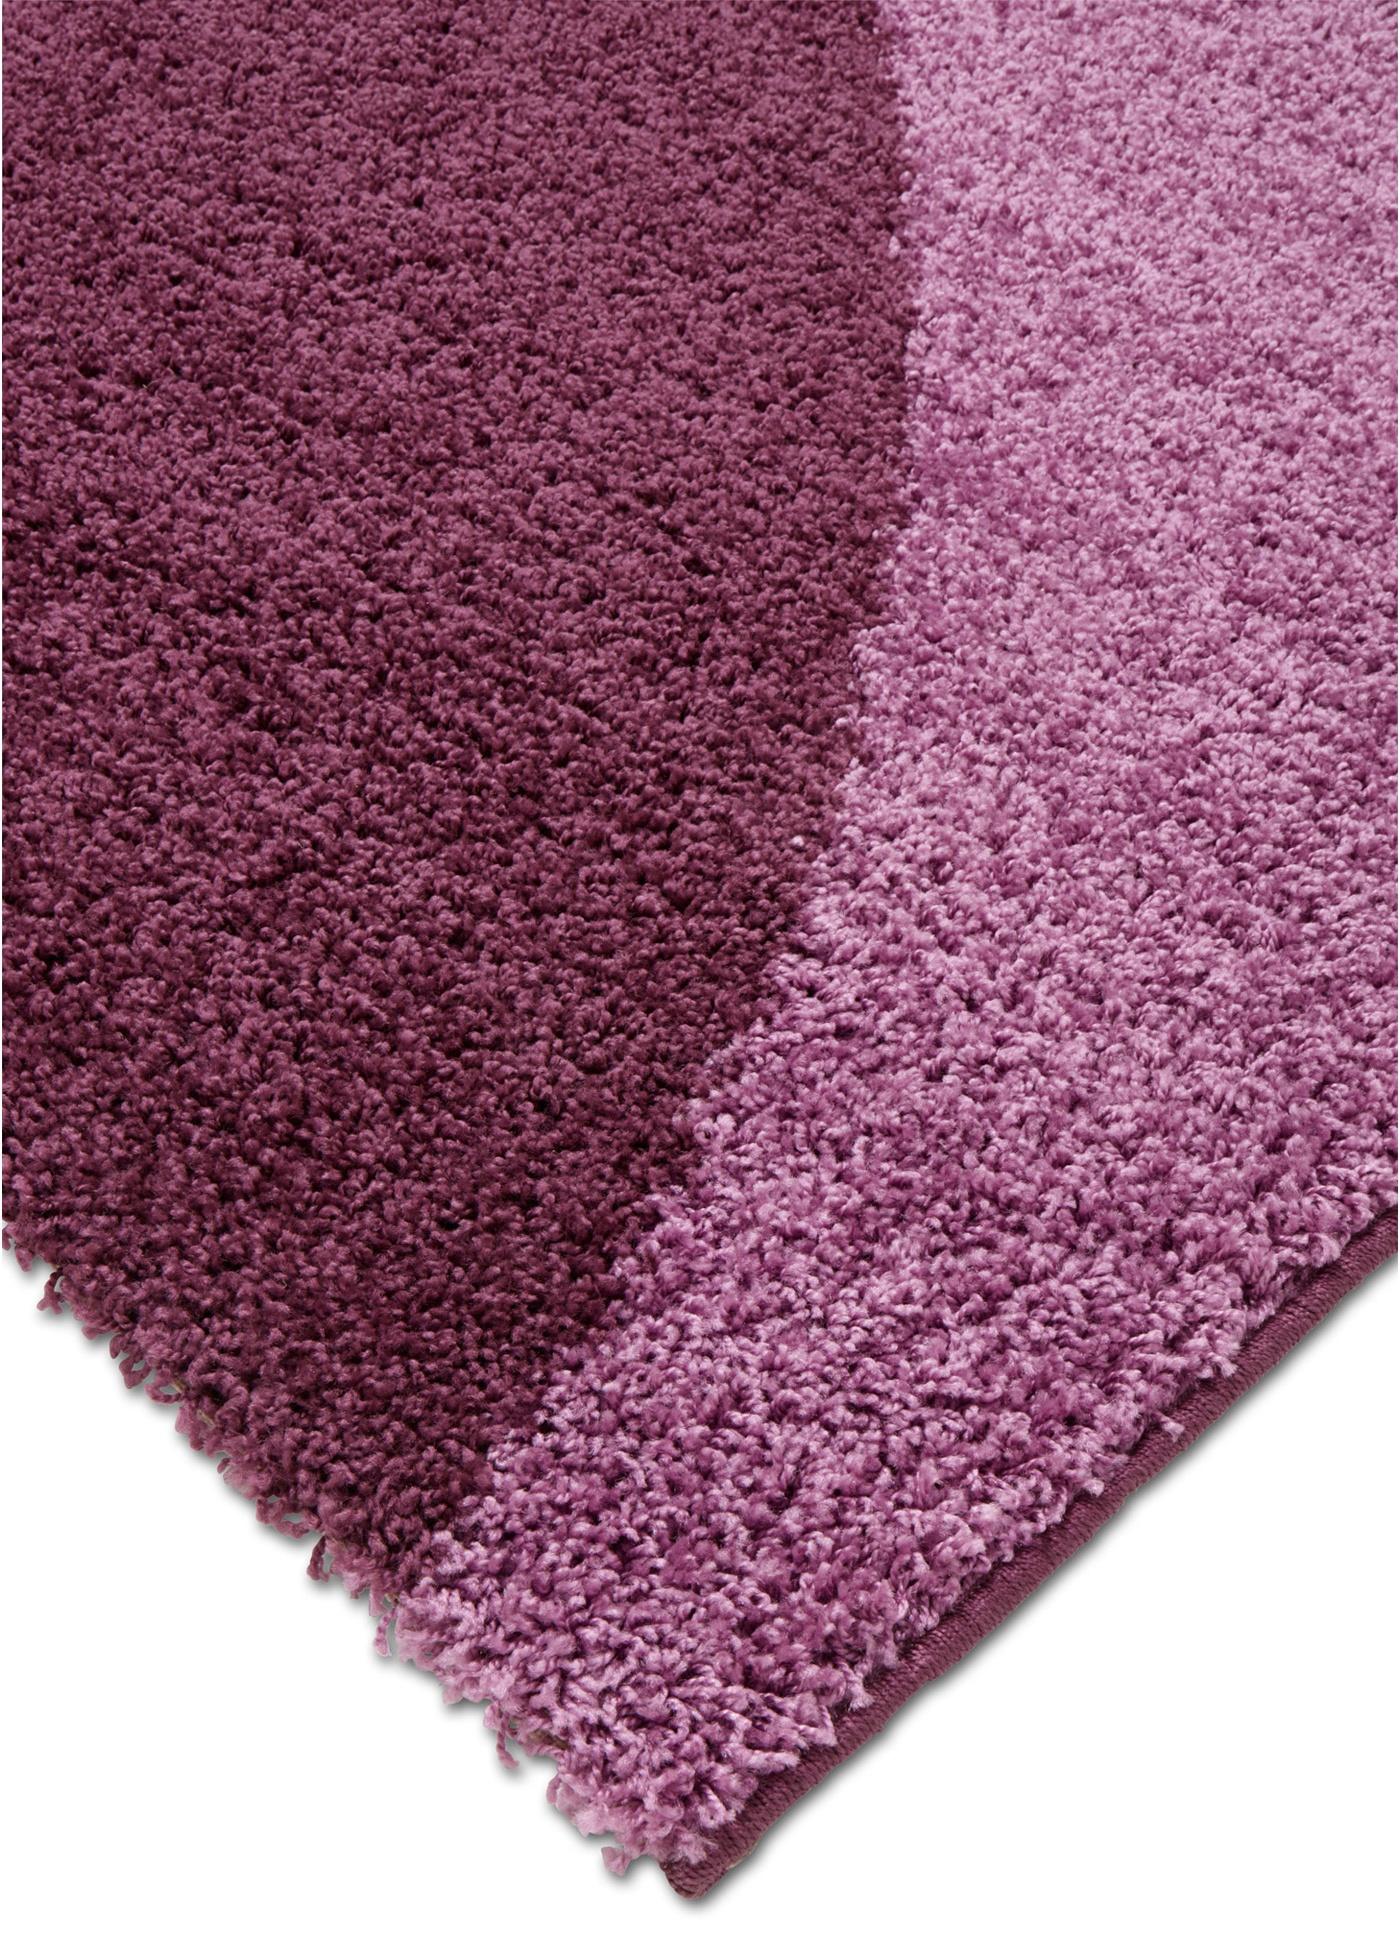 Lila teppich 200 preisvergleich die besten angebote - Teppich bonprix ...